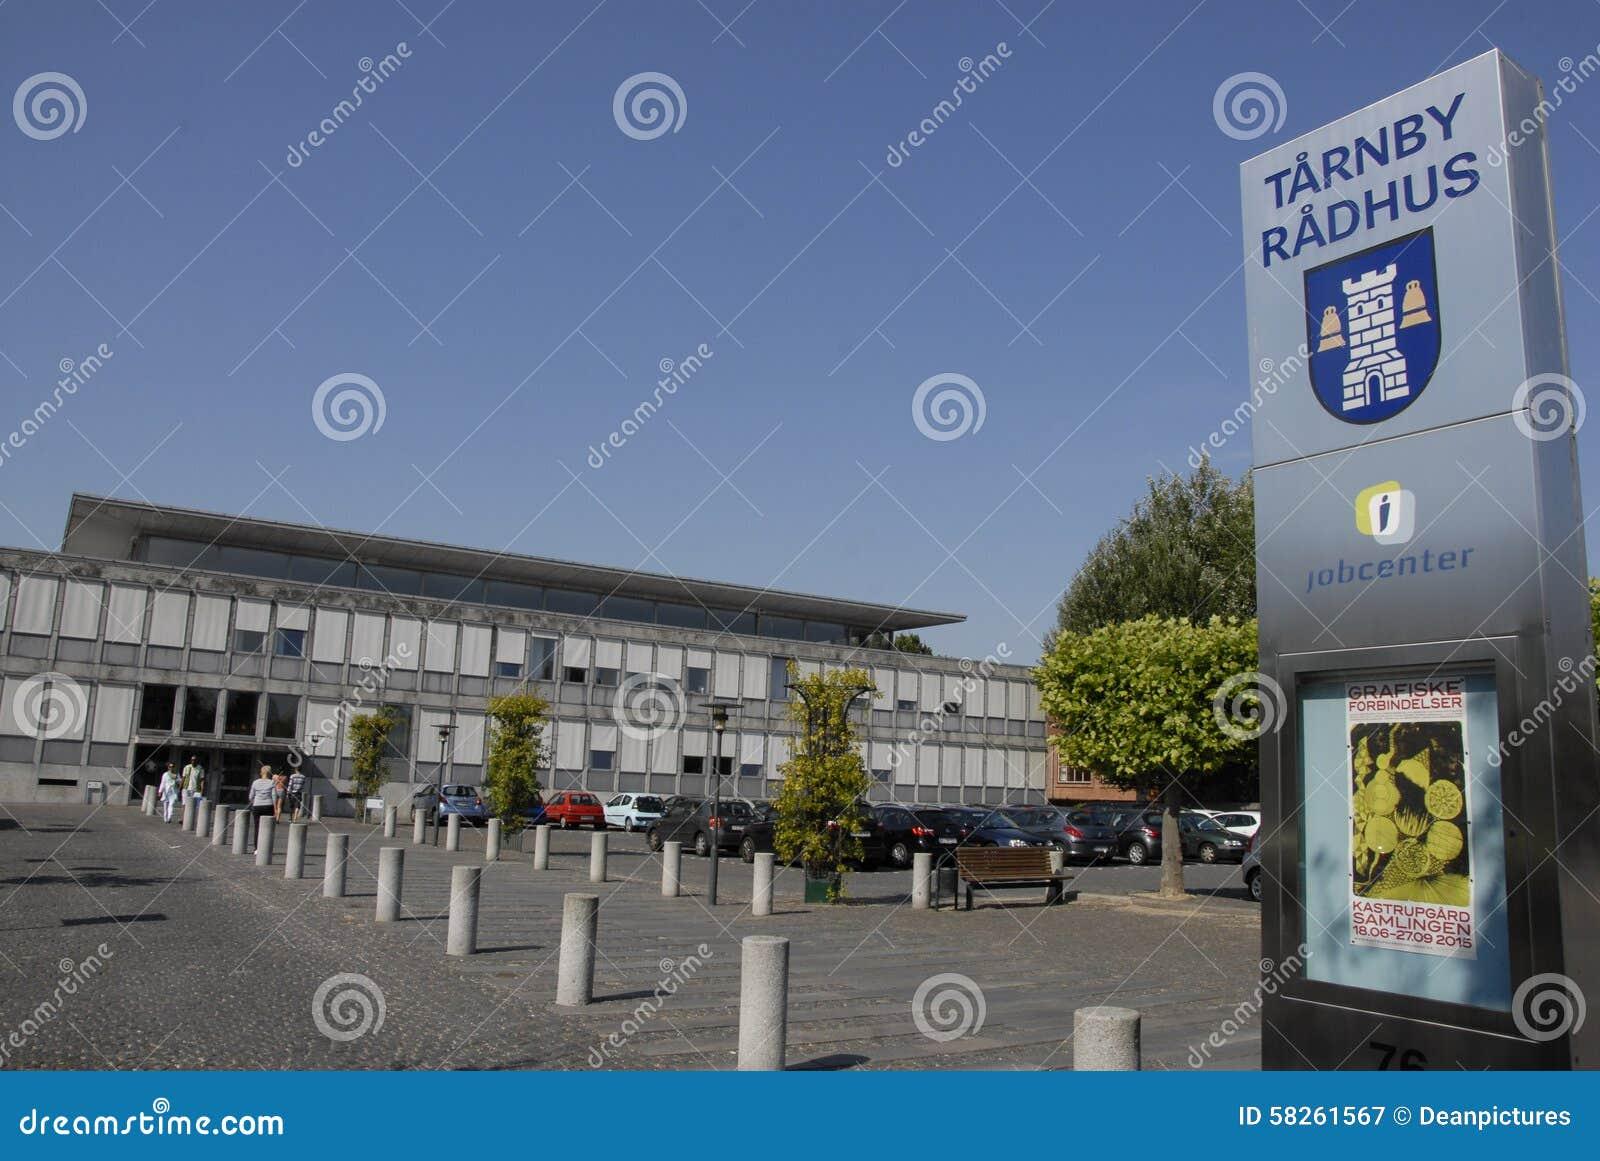 Ufficio Di Collocamento X Municipio : Ufficio di collocamento al consiglio di taarnby fotografia